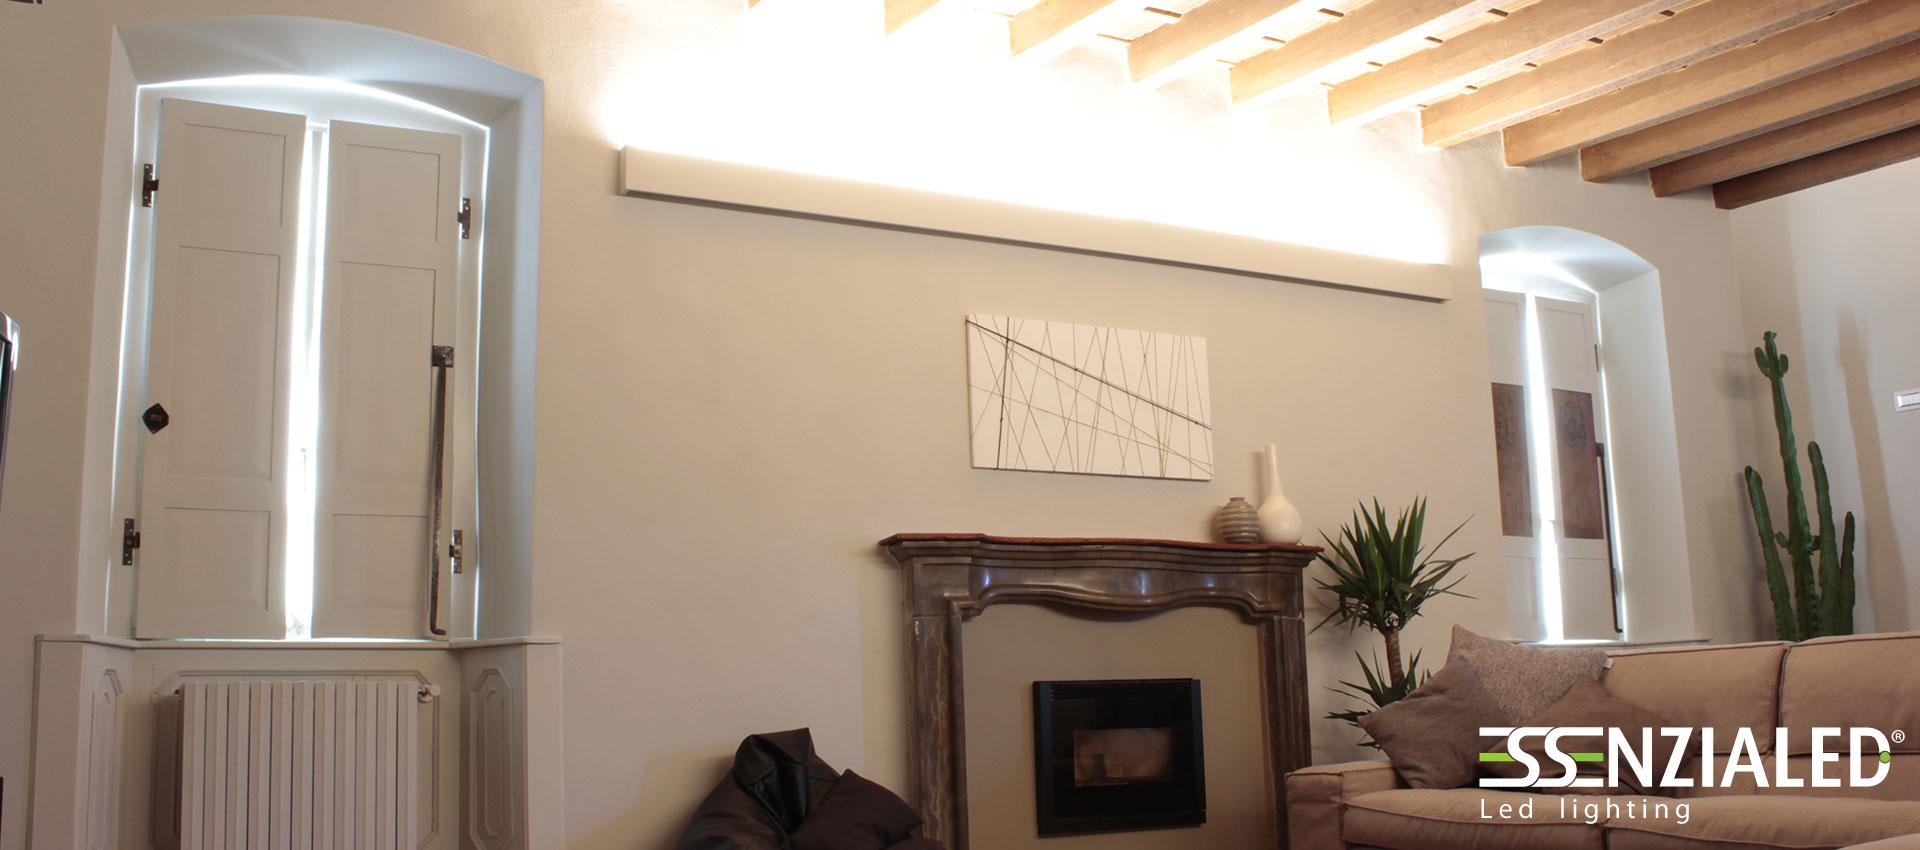 Righello lampada a parete led prodotta su misura for Illuminazione sottotetto legno